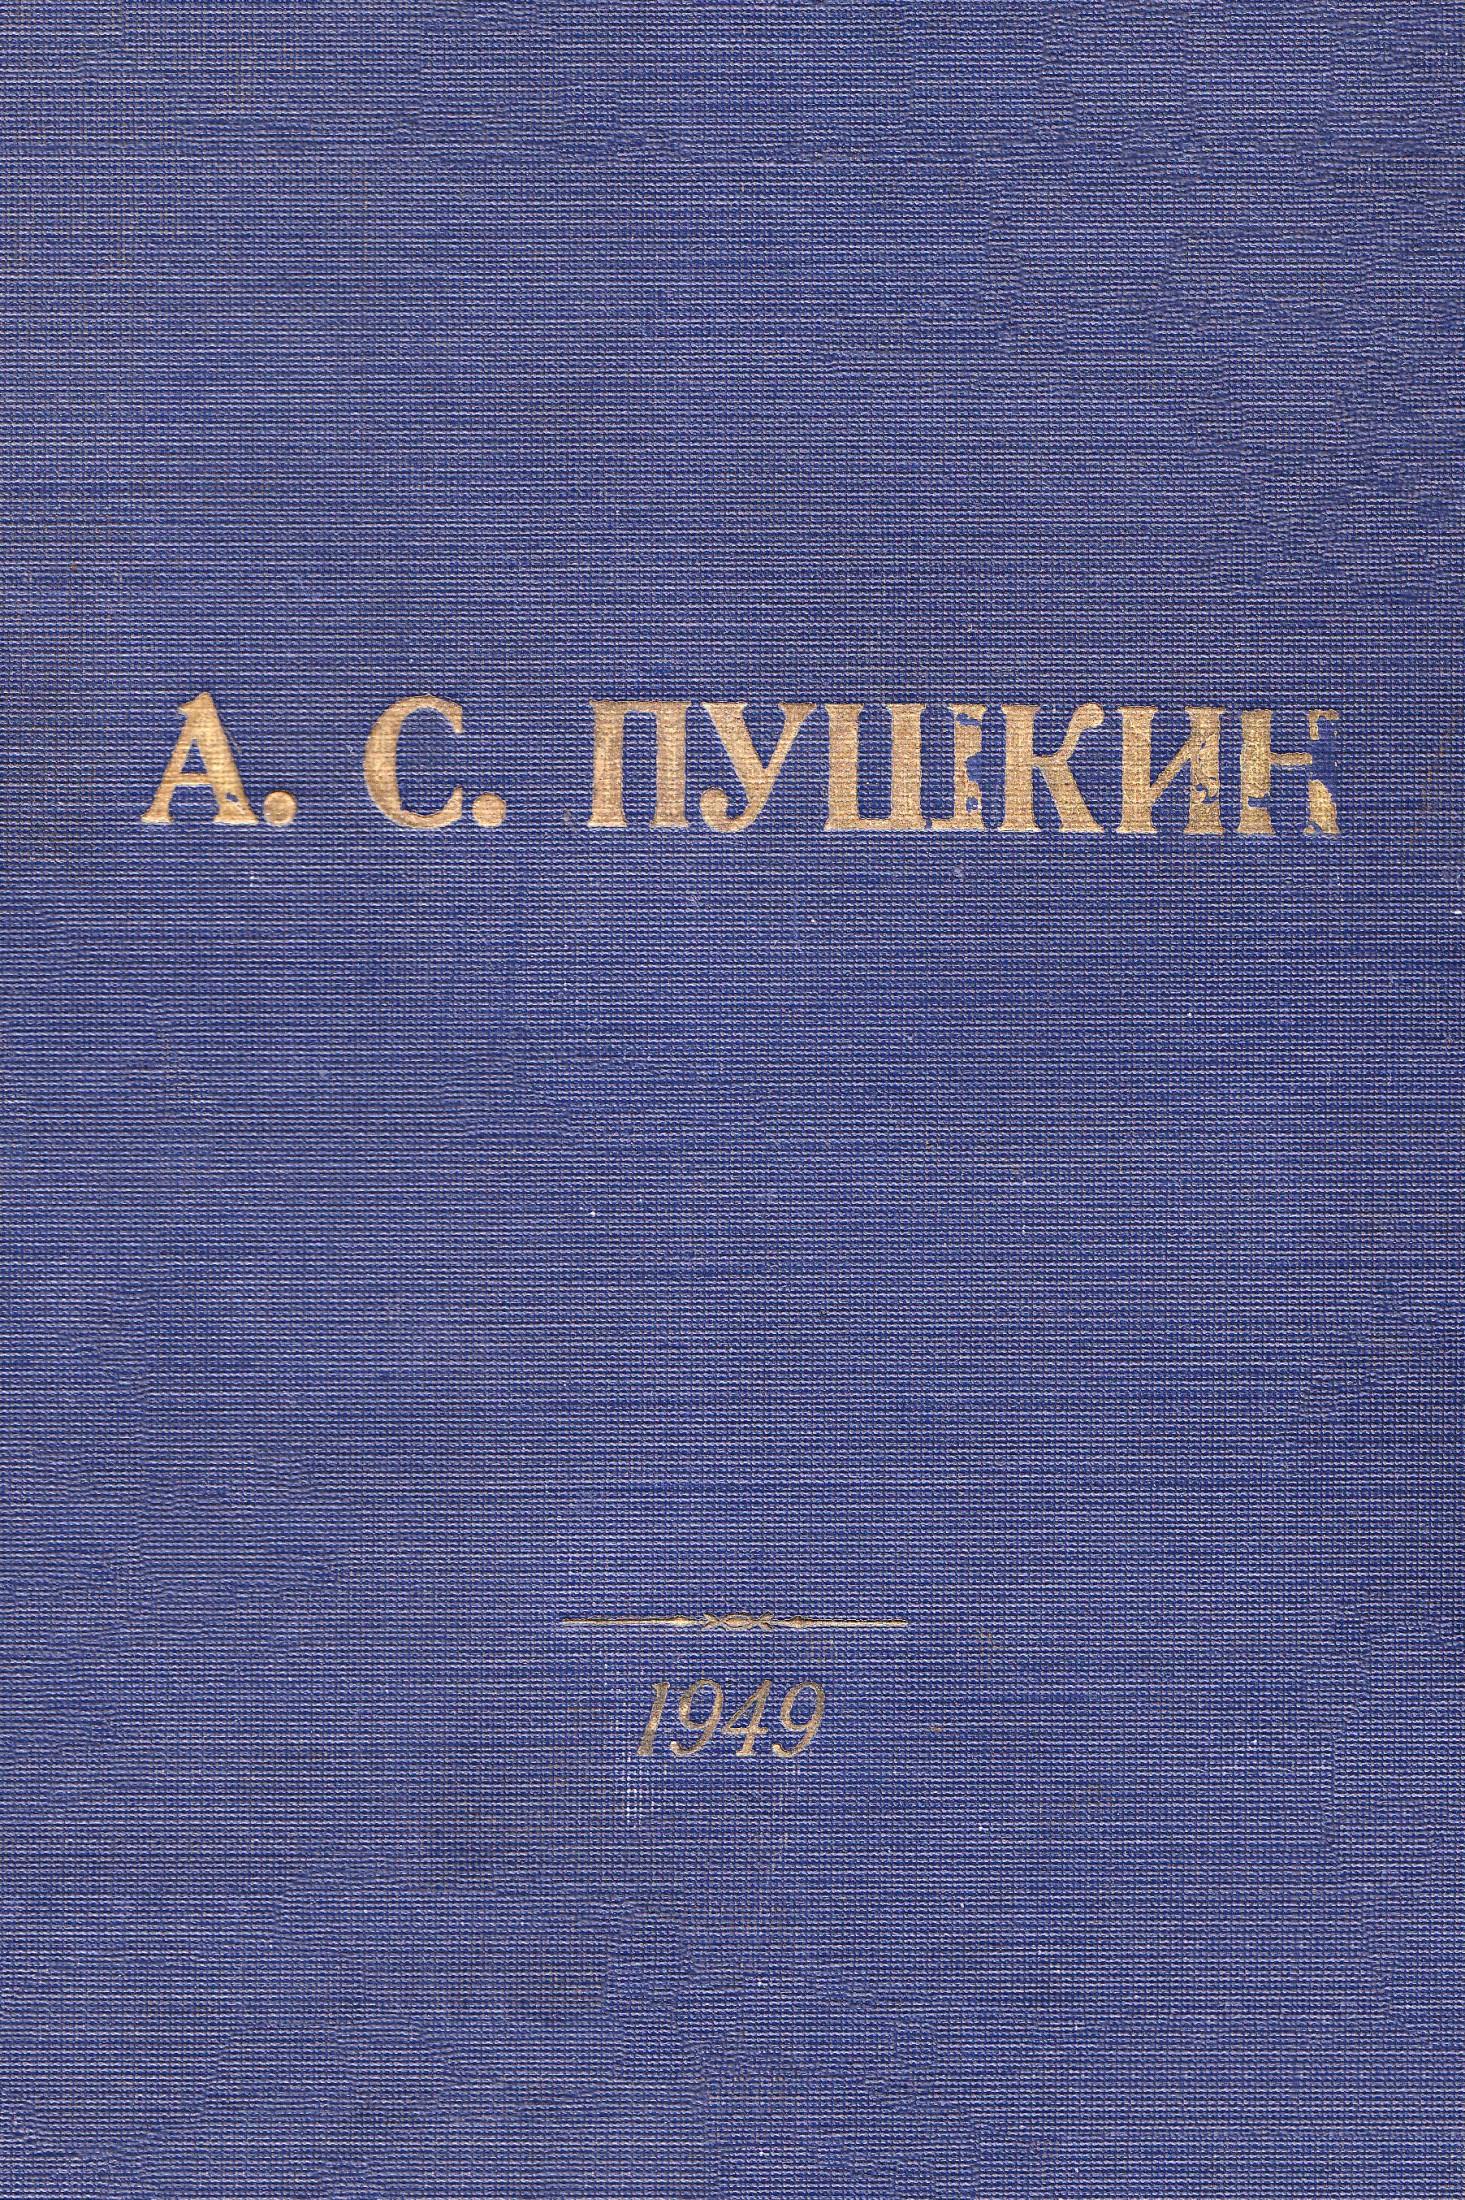 Пушкин - 150 жилийн ойн түүвэр